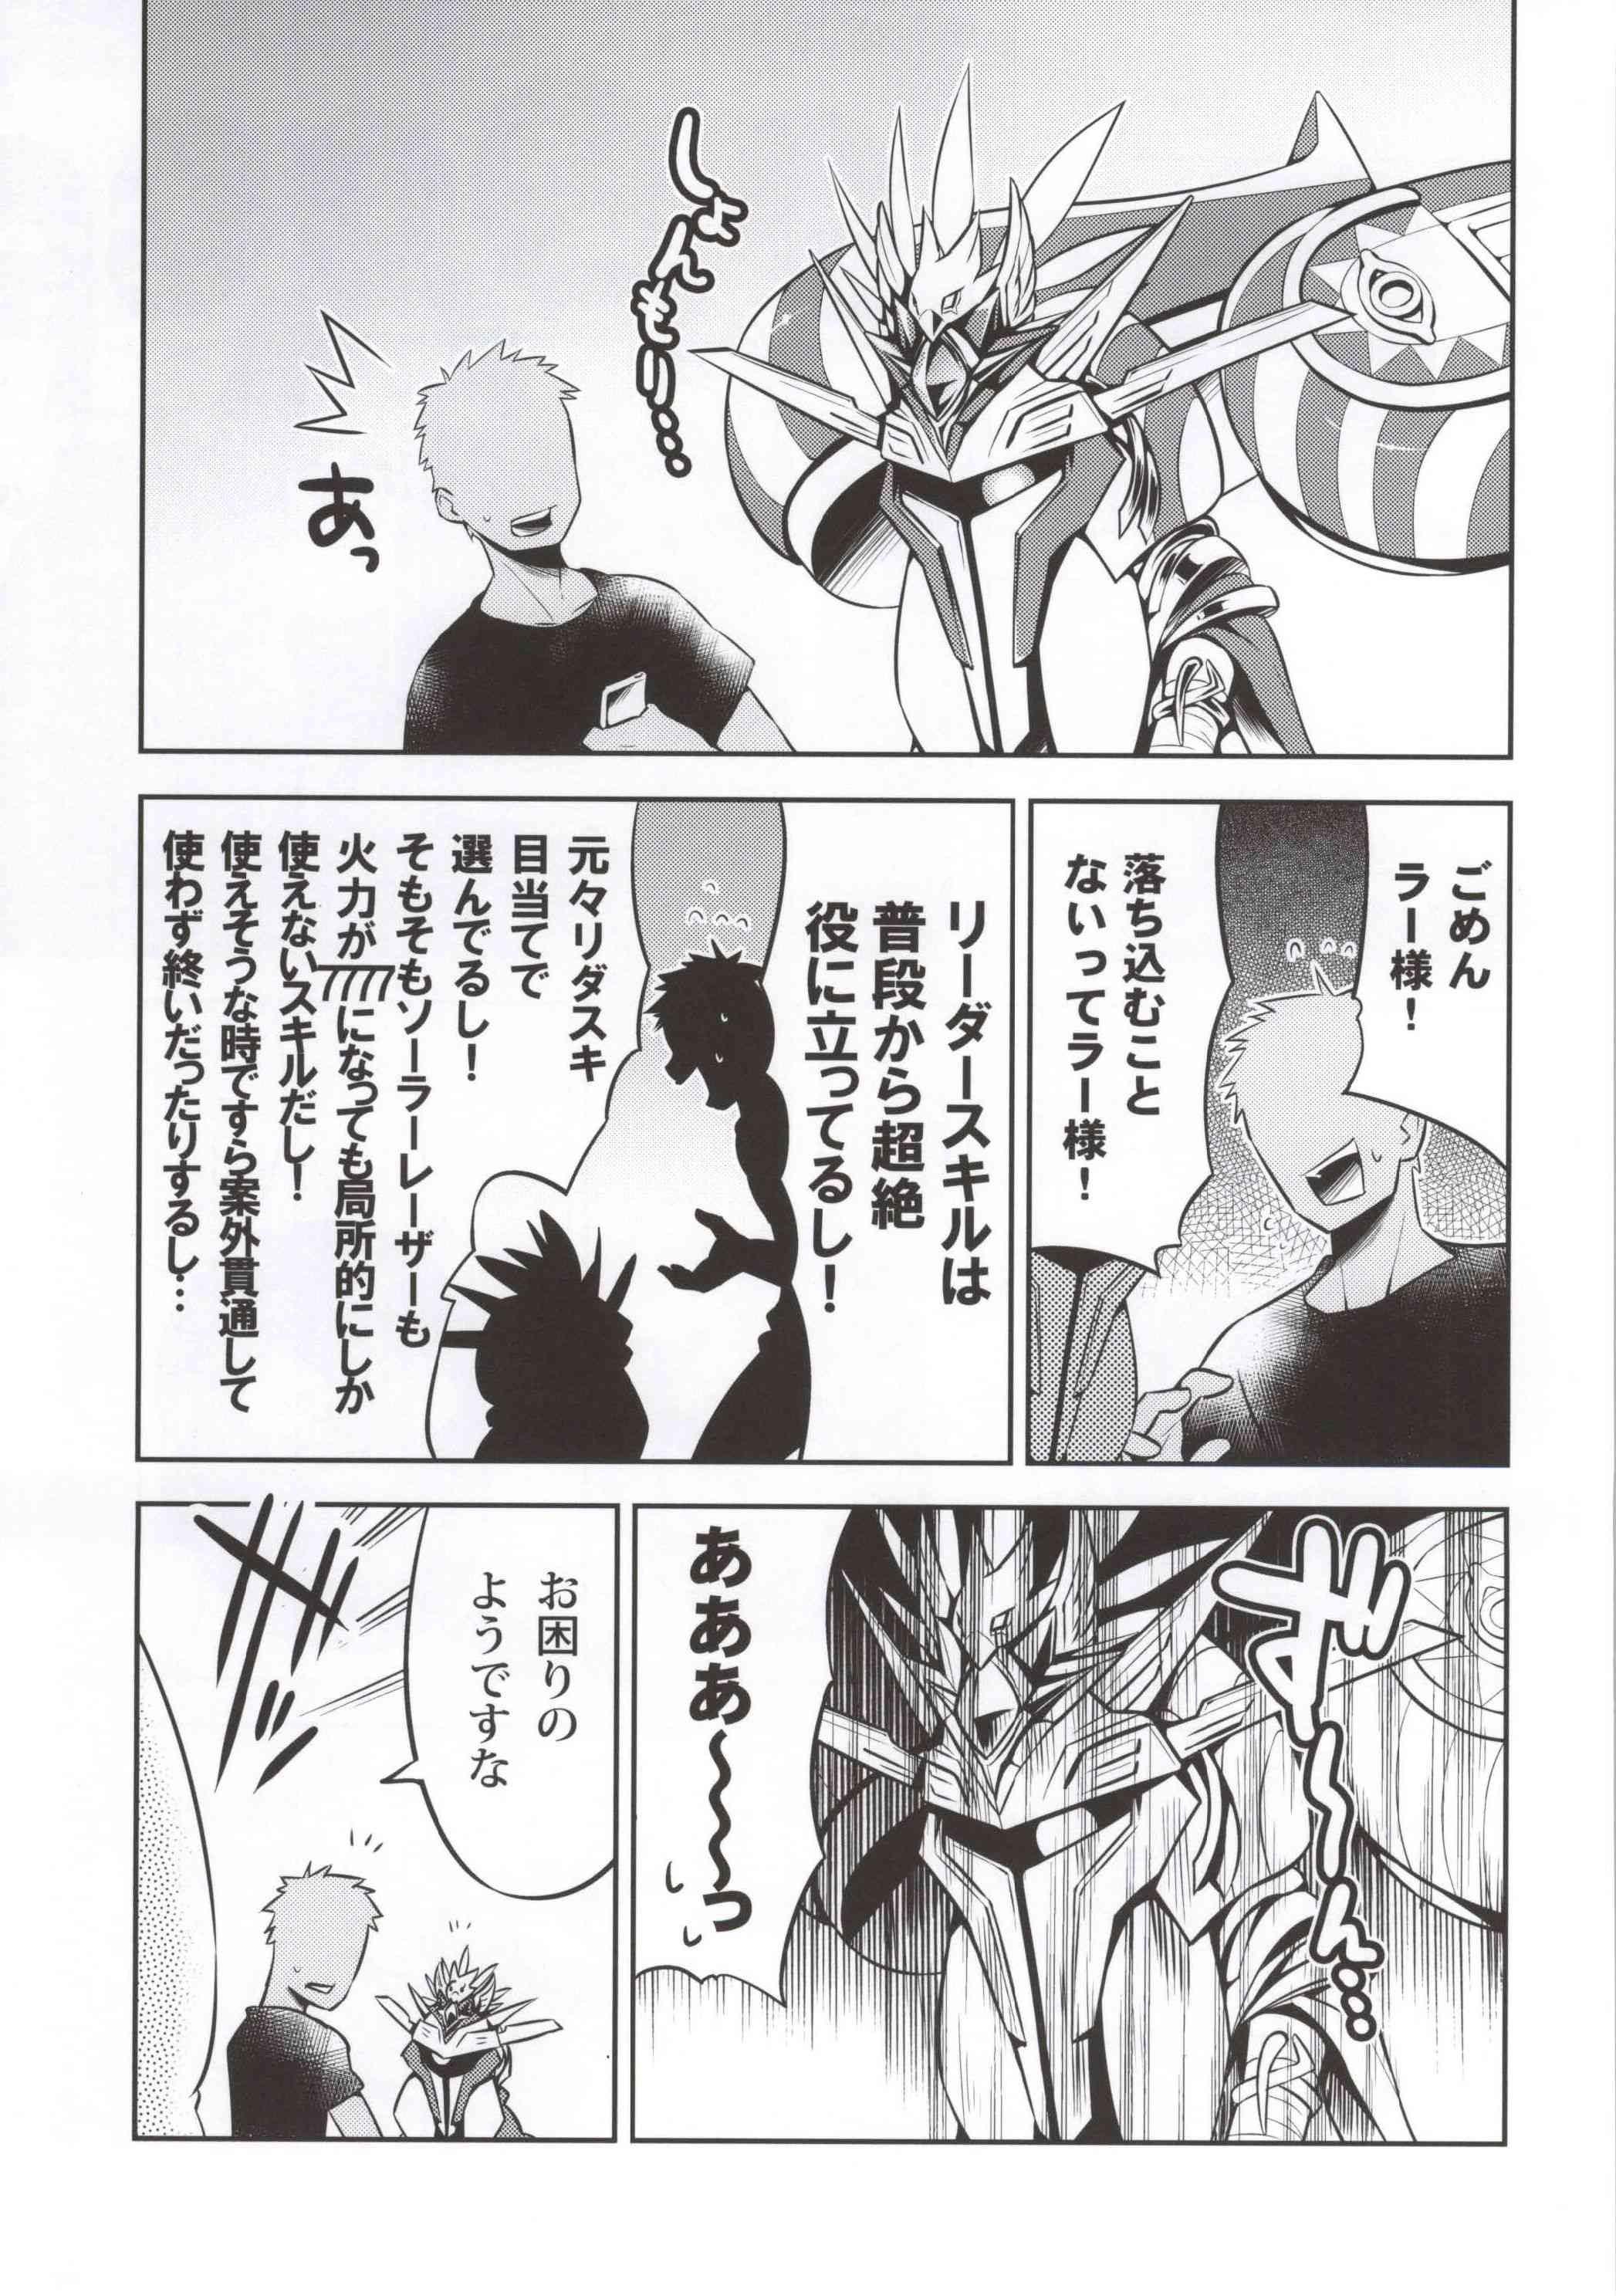 【エロ漫画】ラーをスキラゲするためショタっ子のアナルを調教して中出ししてザーメンを注ぎ込んでますwwwww